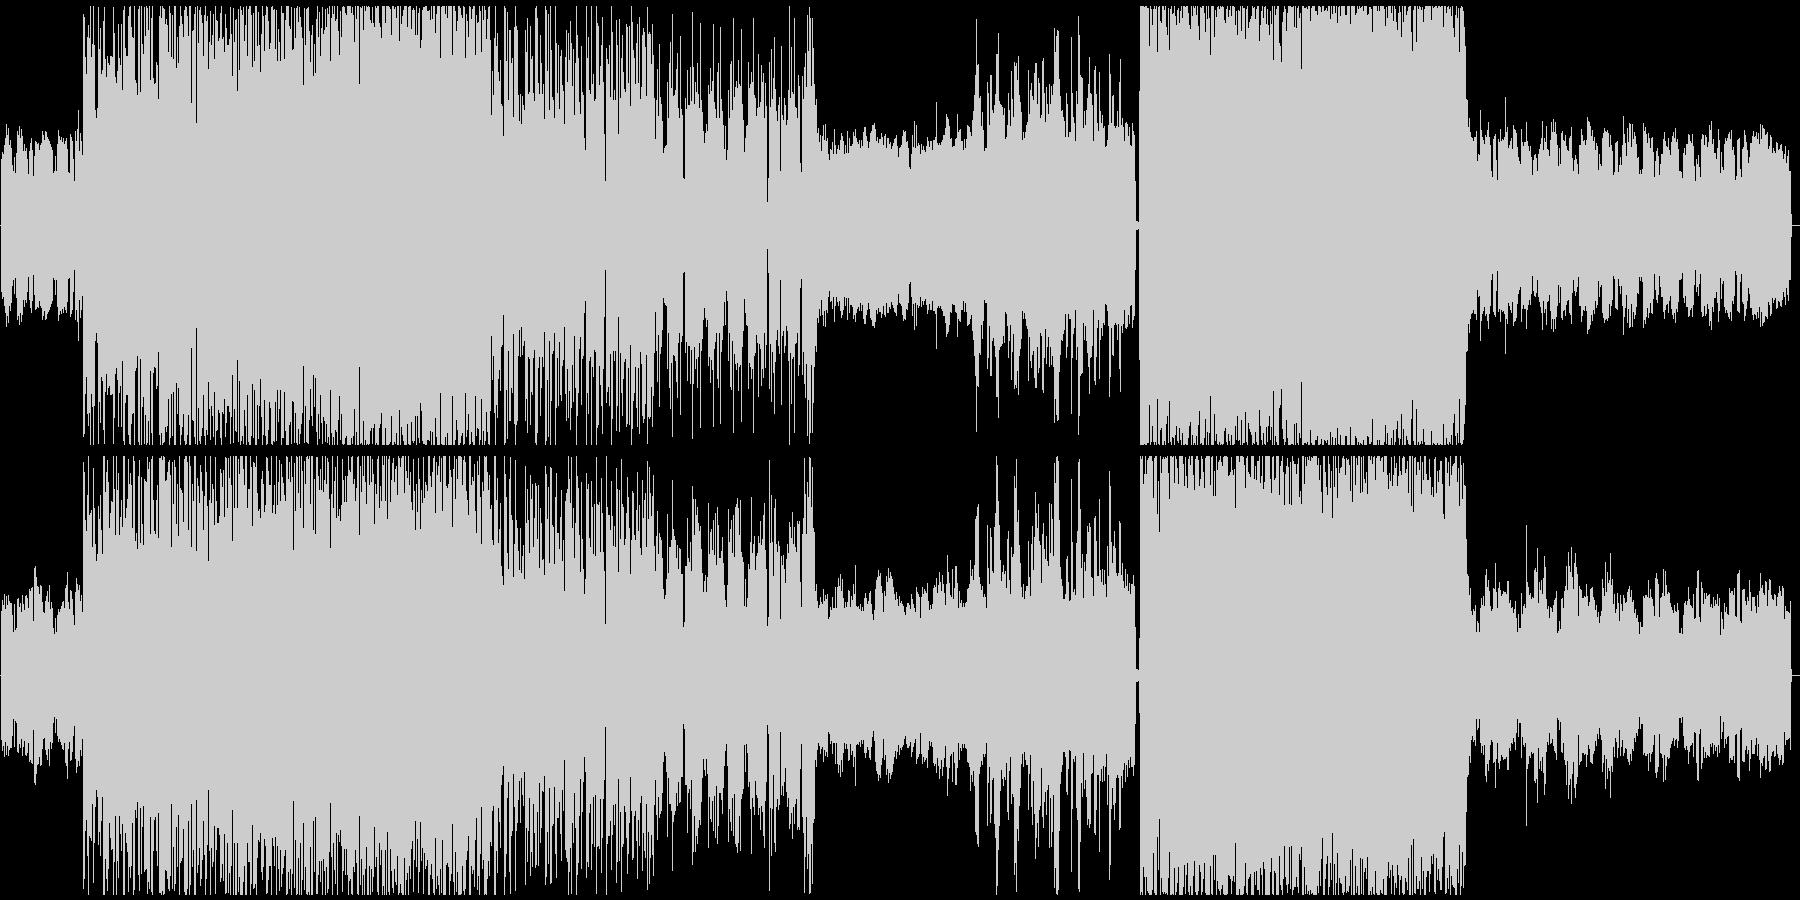 クールな和風テイスト4つ打ちエレクトロの未再生の波形